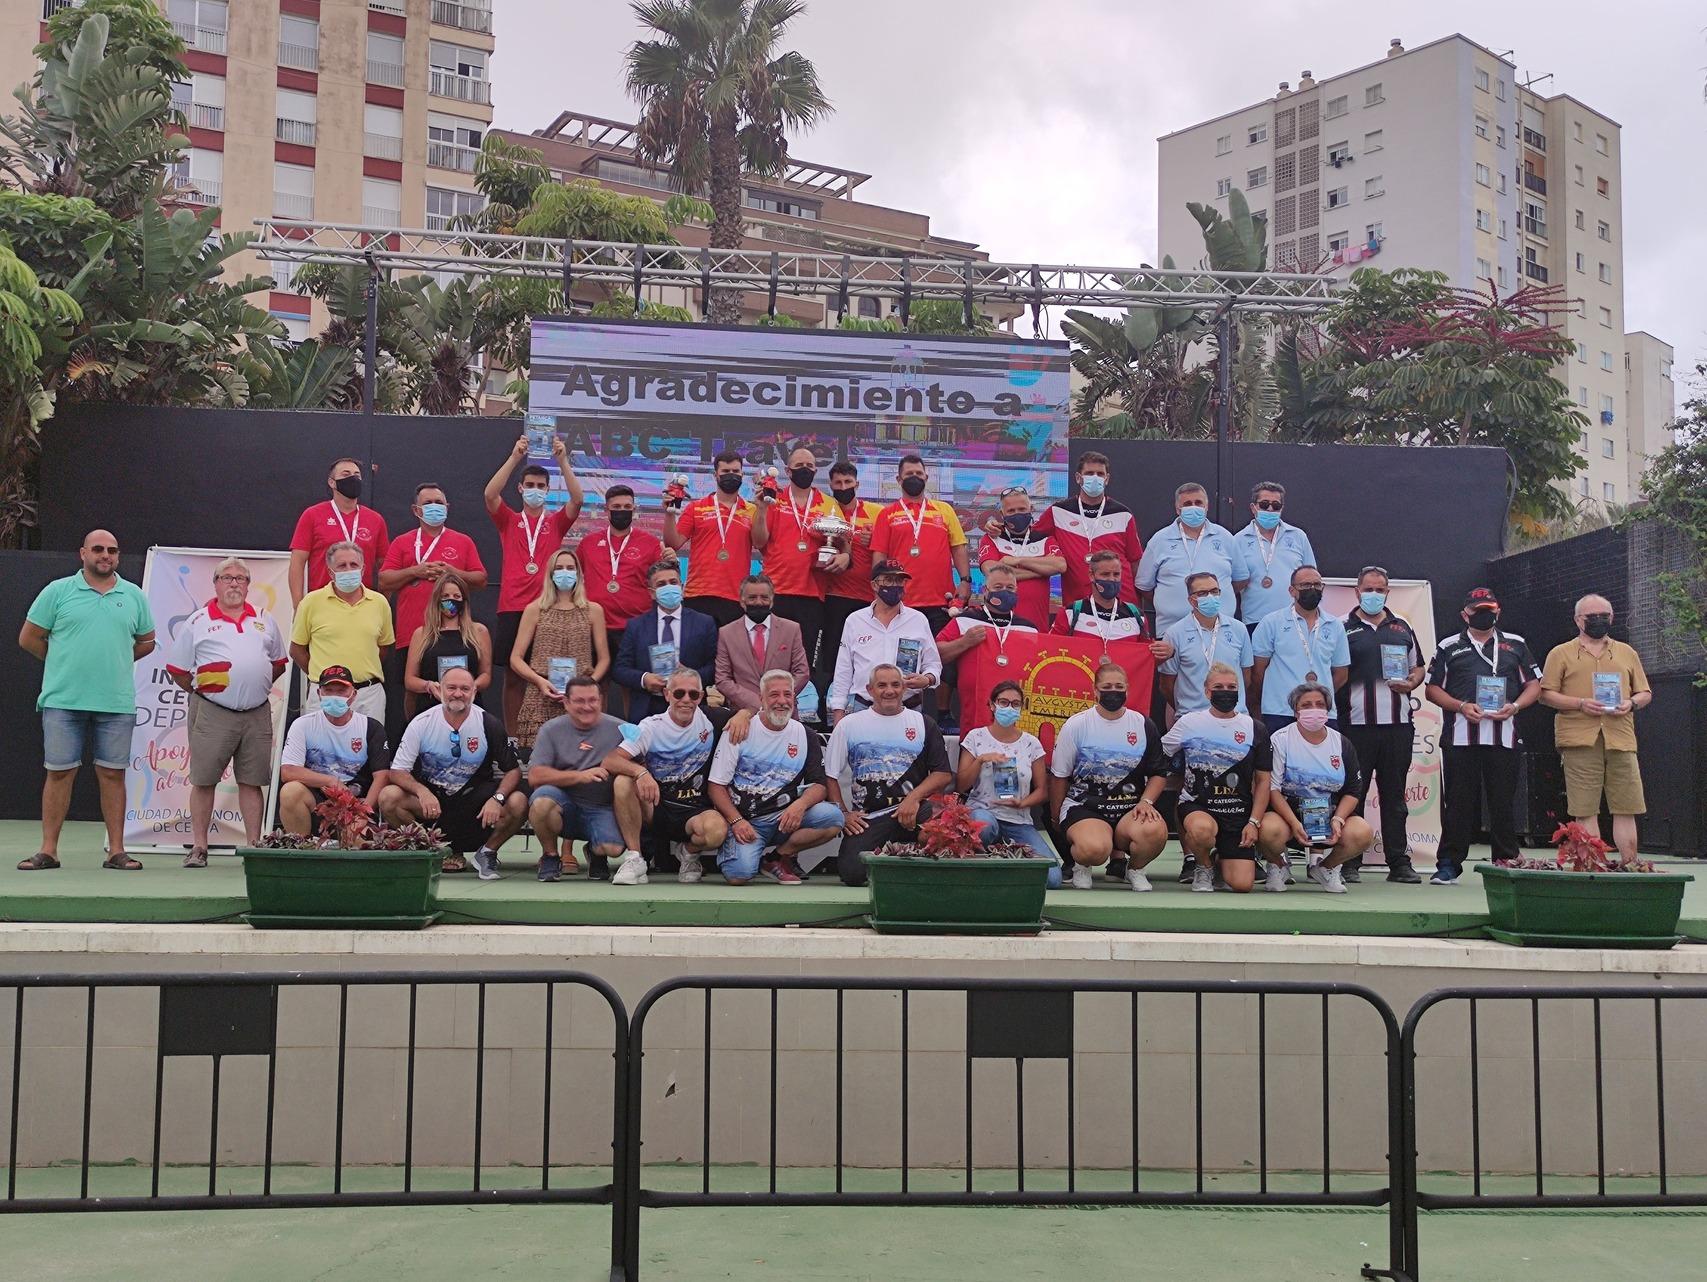 Éxito en la edición 54 del Campeonato de España de clubes de Petanca de tripleta masculino